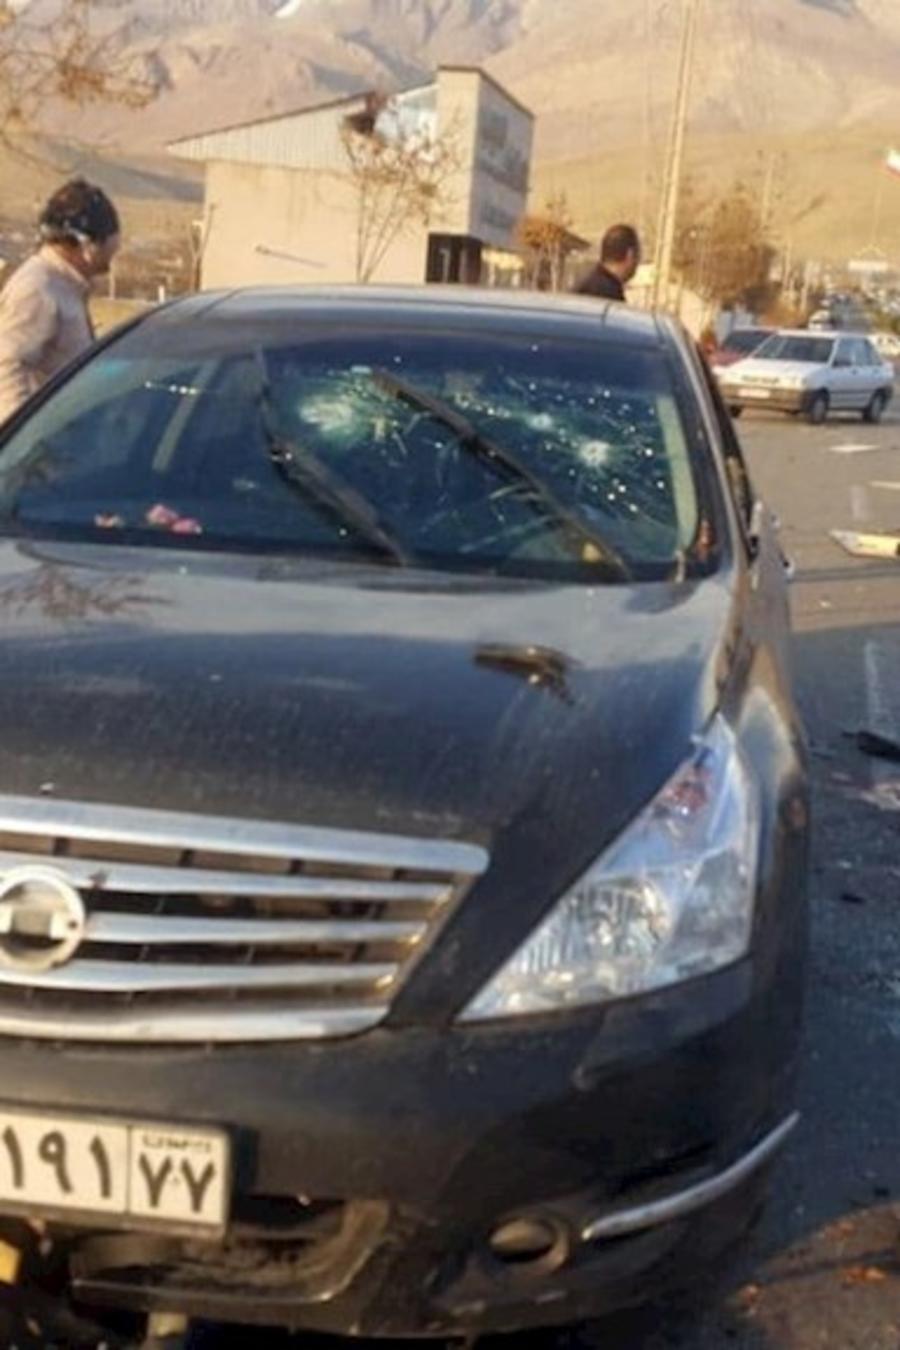 El sitio del atentado contra el científico iraní en Damavand, según una imagen cedida por la agencia noticiosa estatal IRIB.